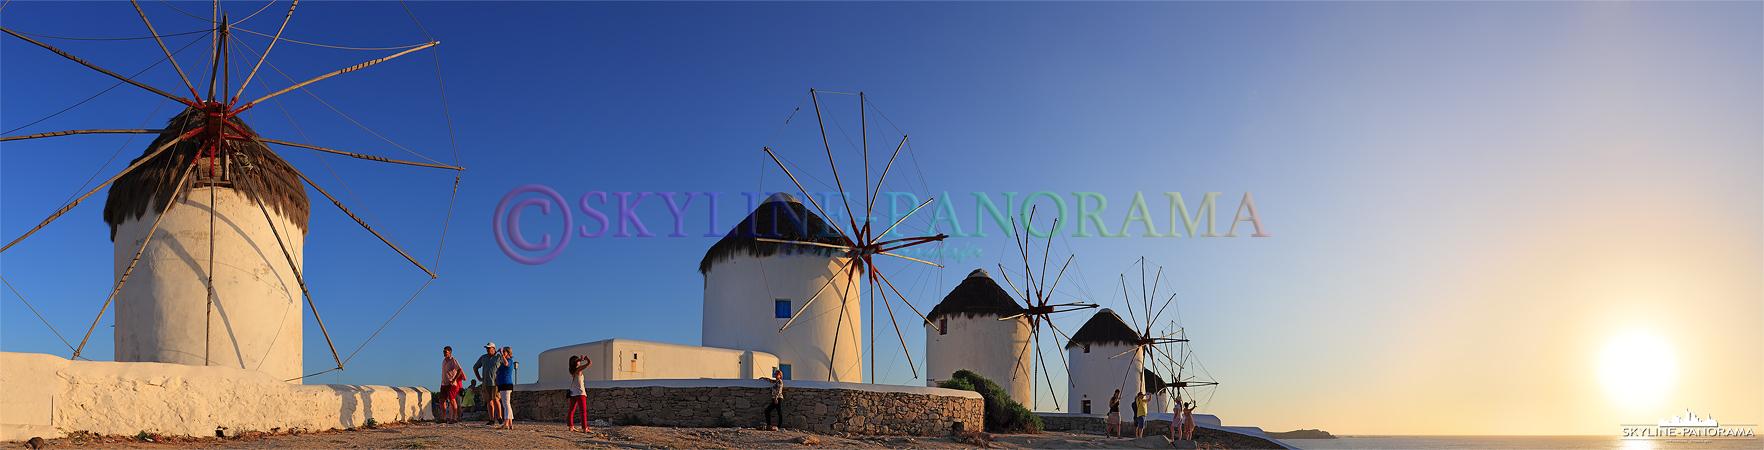 Windmühlen von Griechenland - Sonnenuntergang an den großen Windmühlen von Mykonos, sie sind das Wahrzeichen der Insel und befinden sich am Rand der Chora.